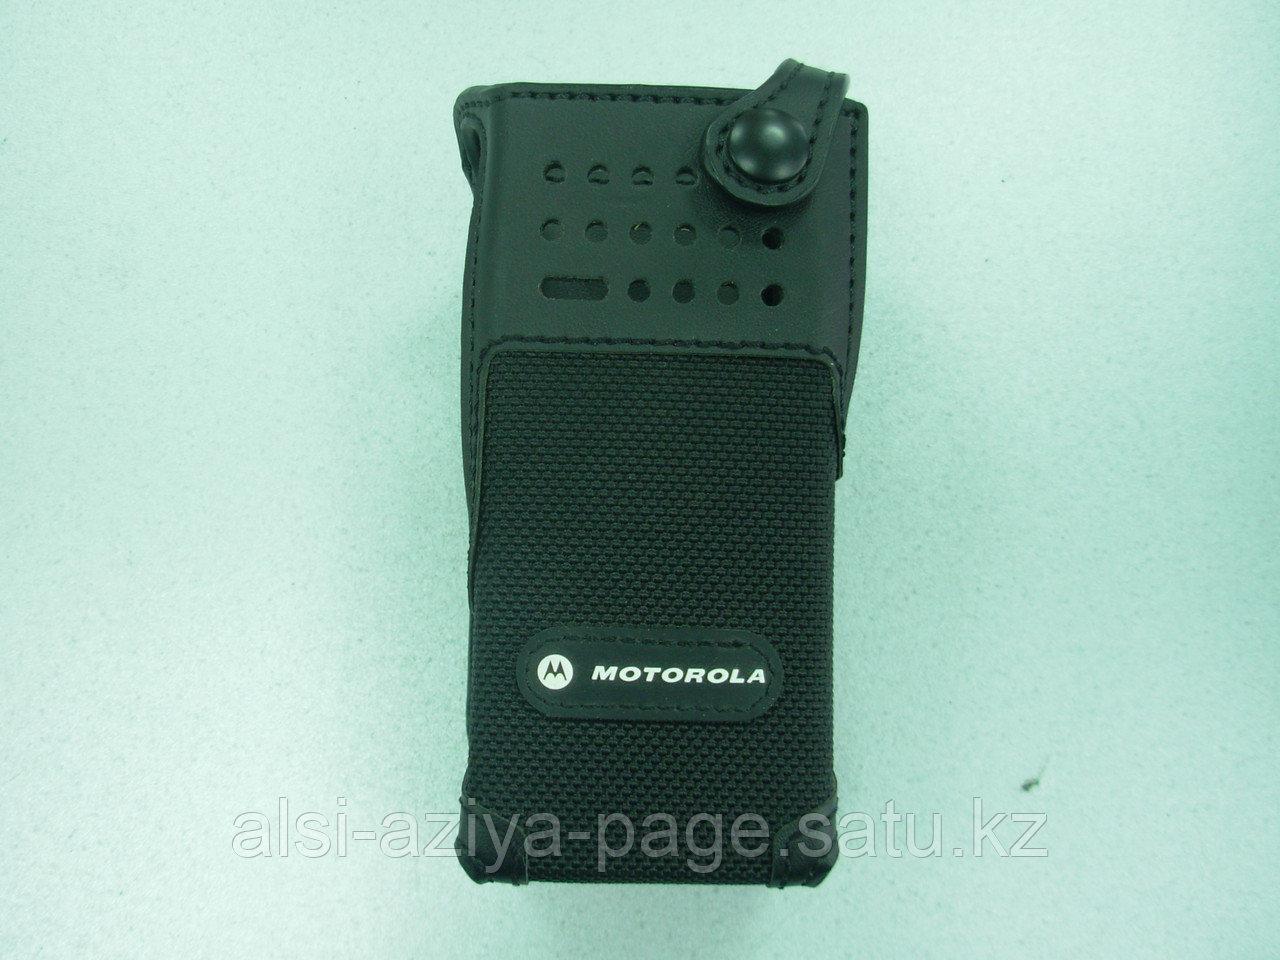 Чехол Motorola для рации DP4400